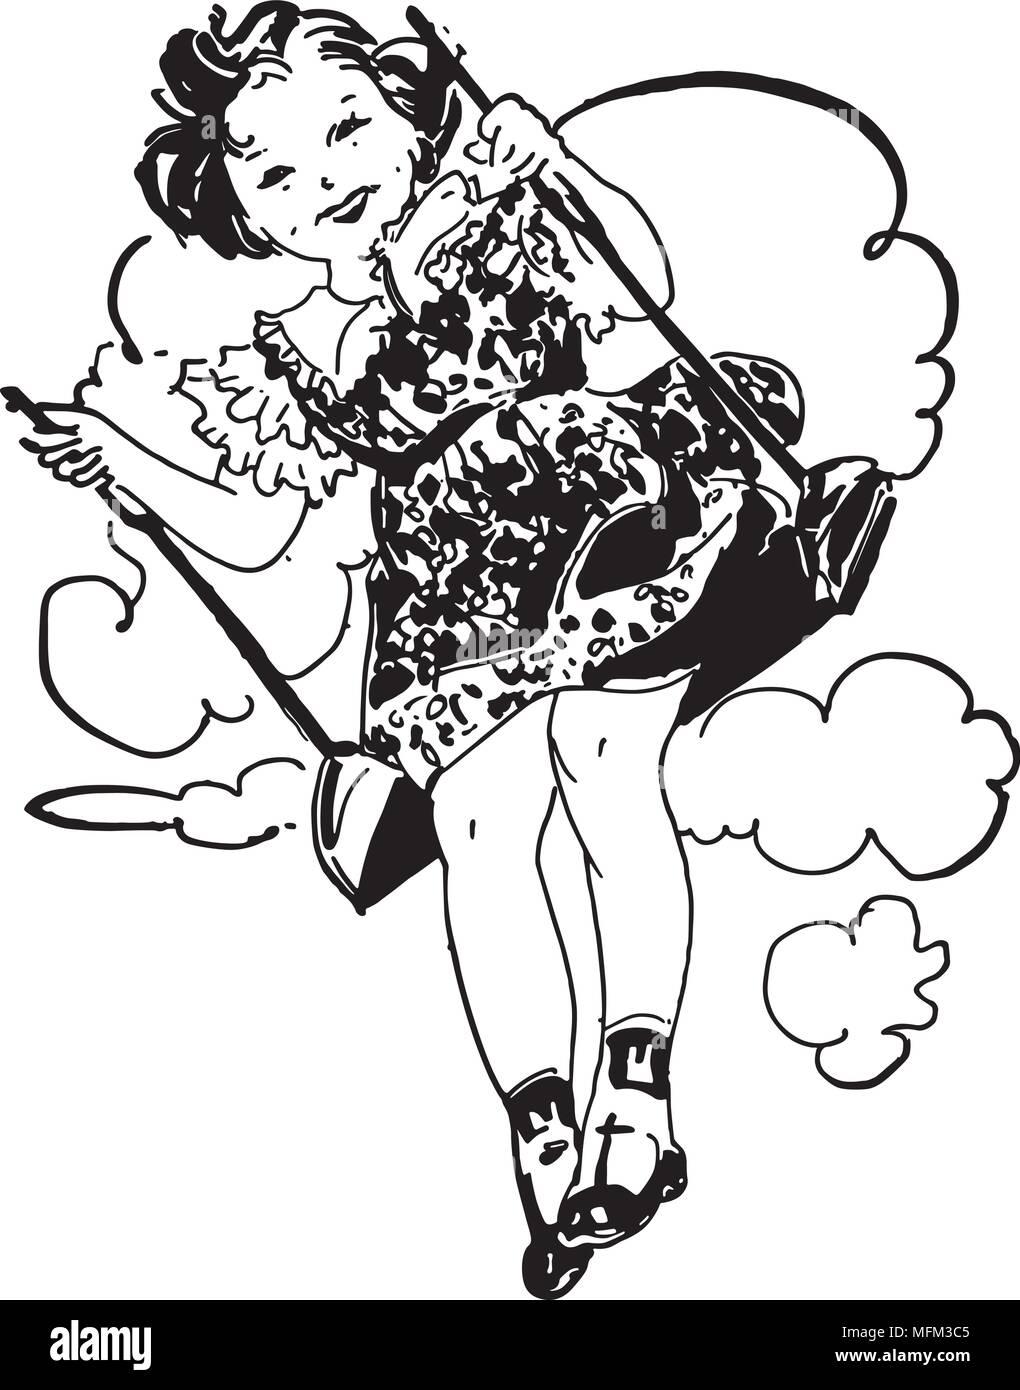 Kleines Mädchen Auf Schaukel Retro Clipart Illustration Vektor